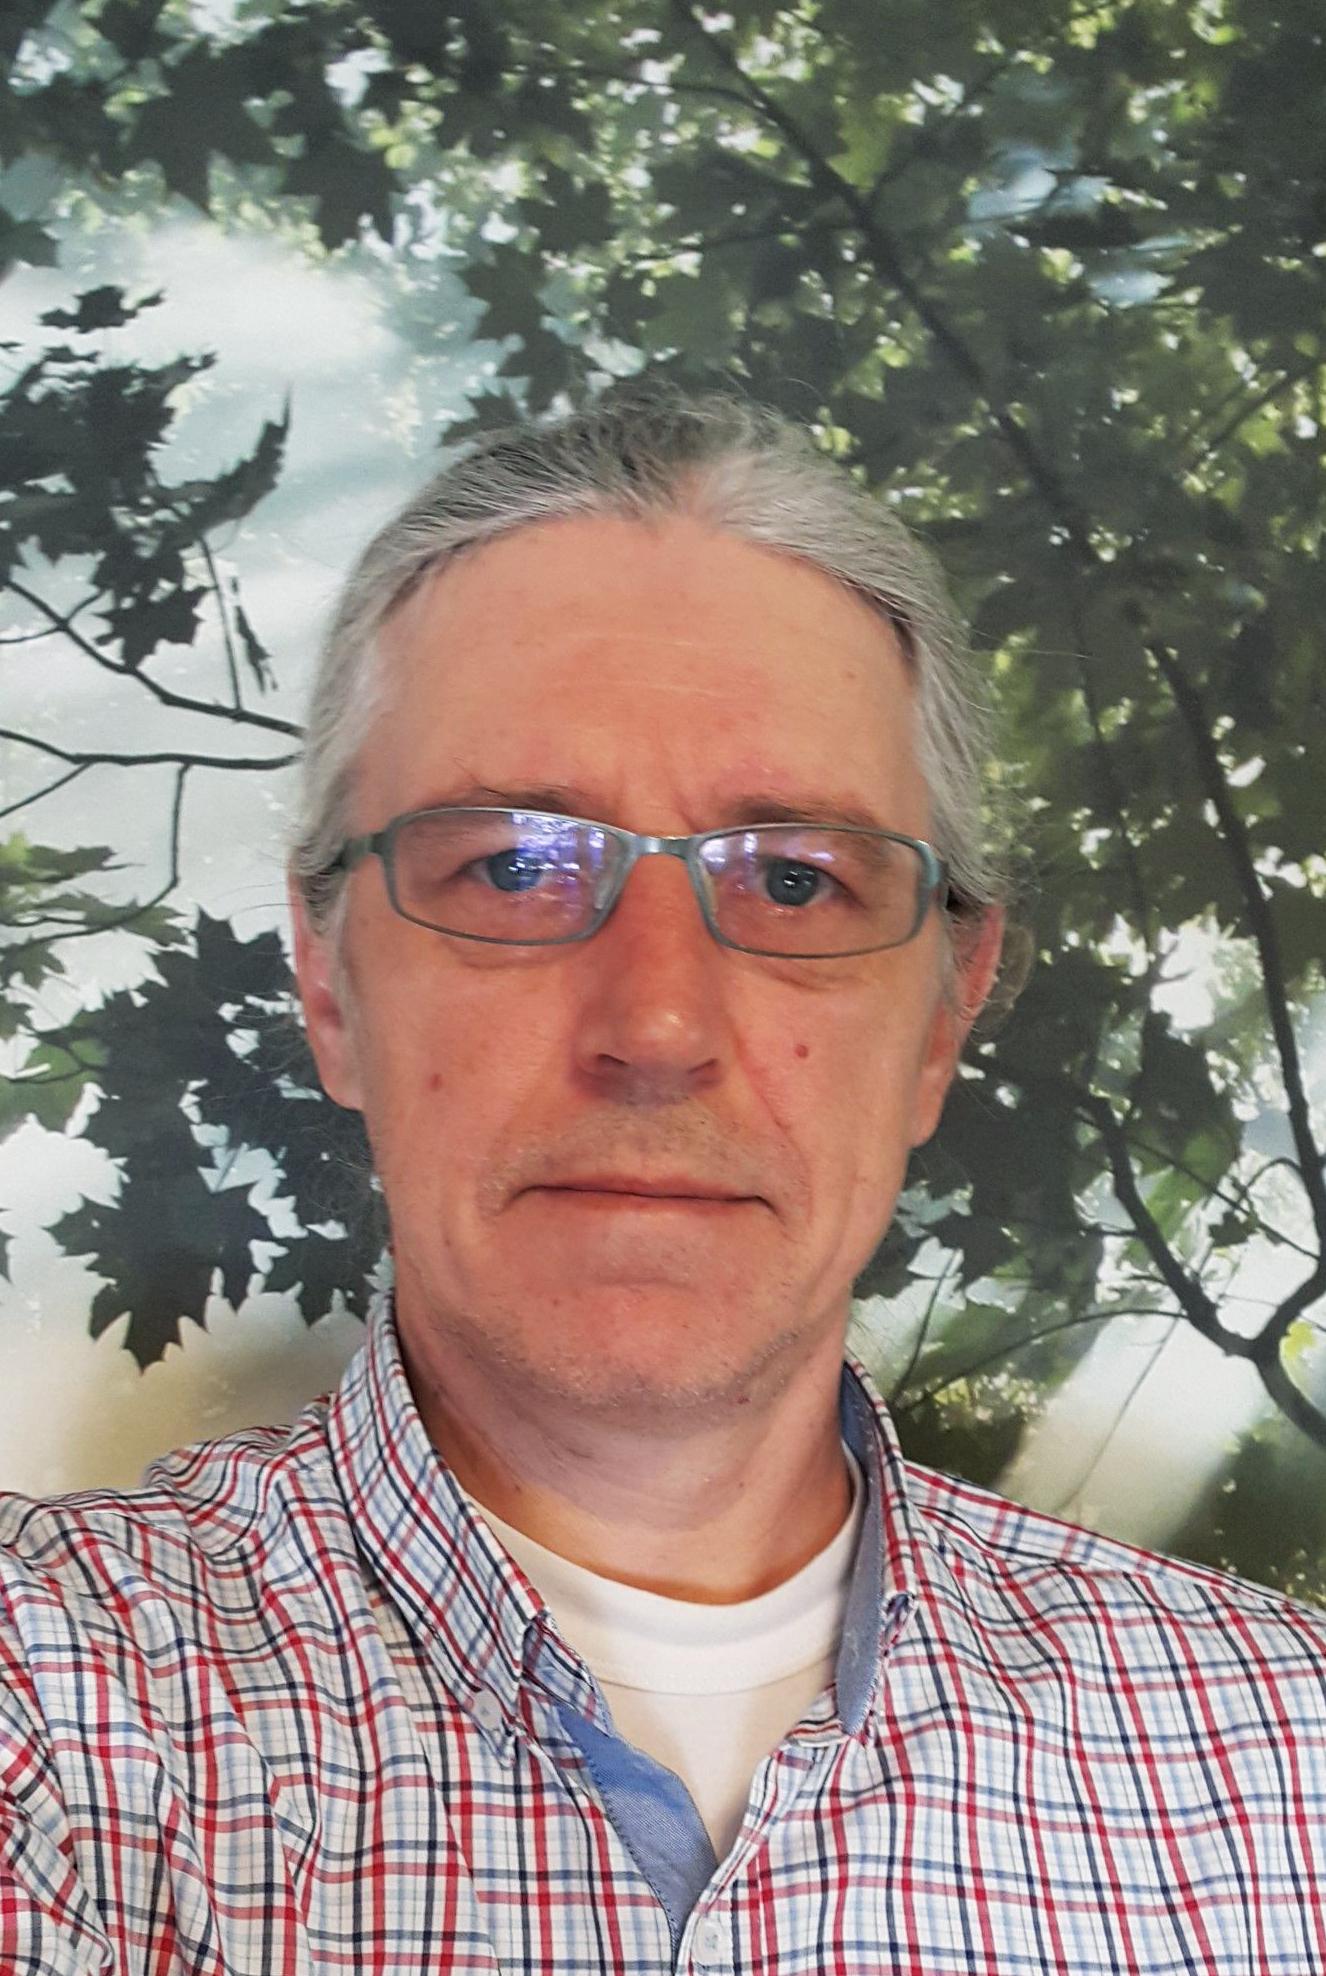 Patrik Karlsson v2-2_220x328